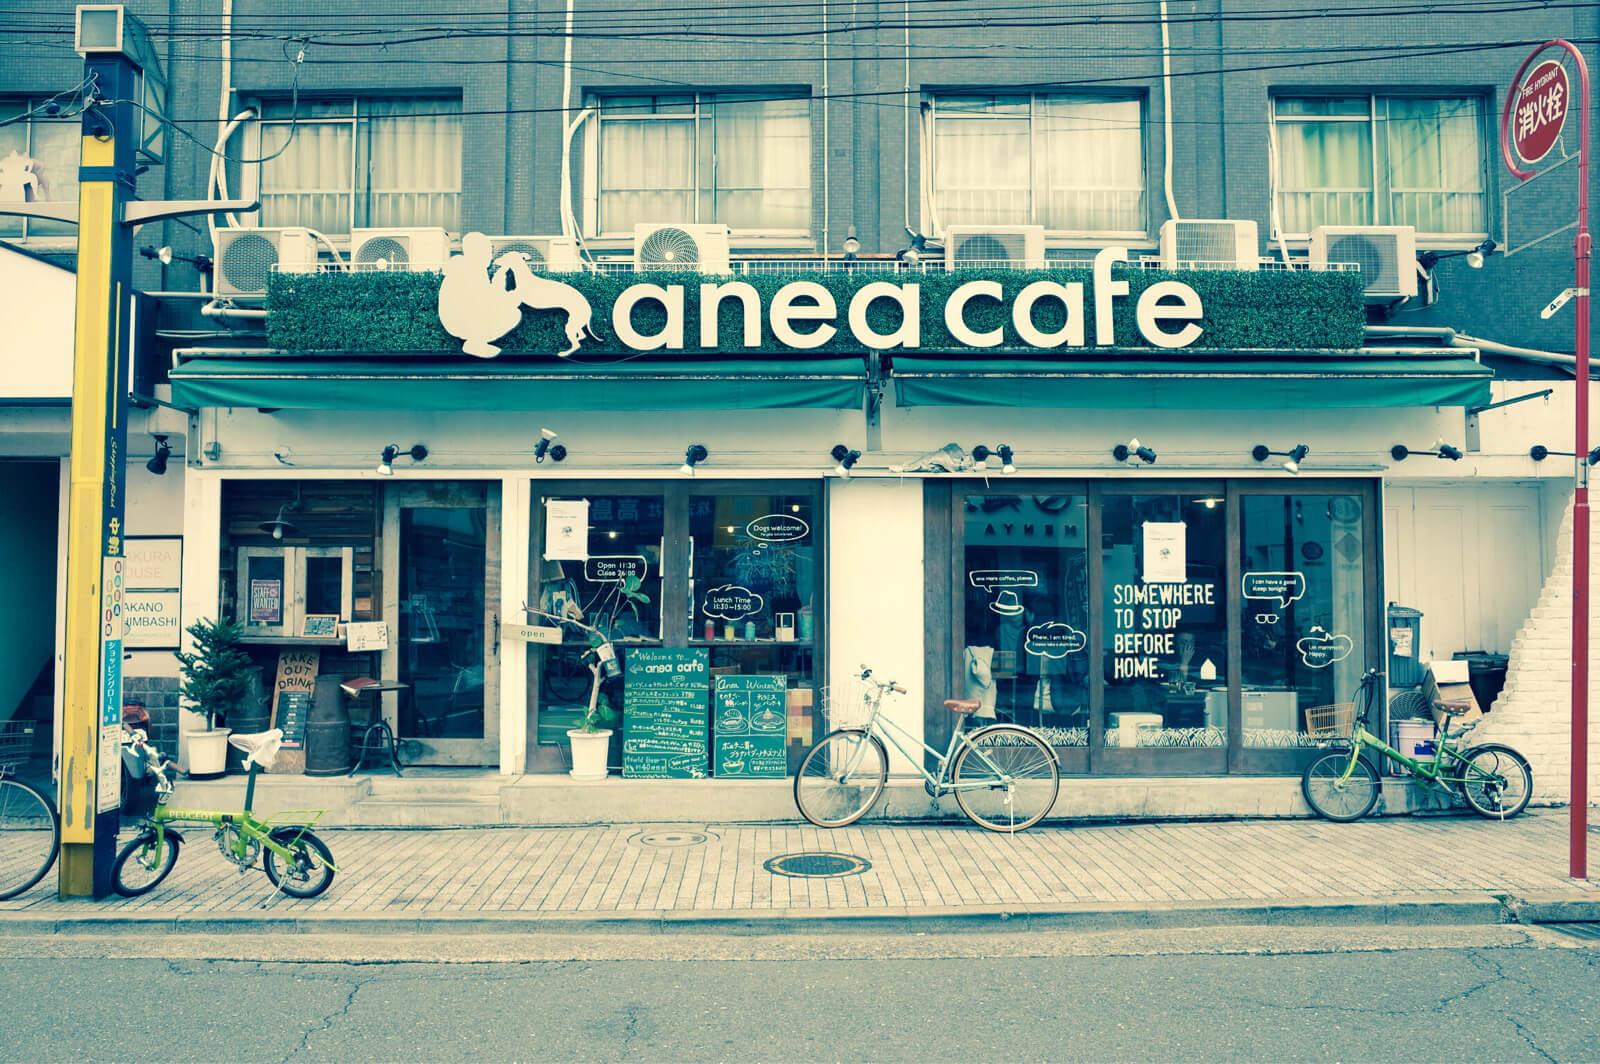 anea cafe 中野新橋 | デート・ランチにおすすめのドッグカフェで鯖バーガーを食らう